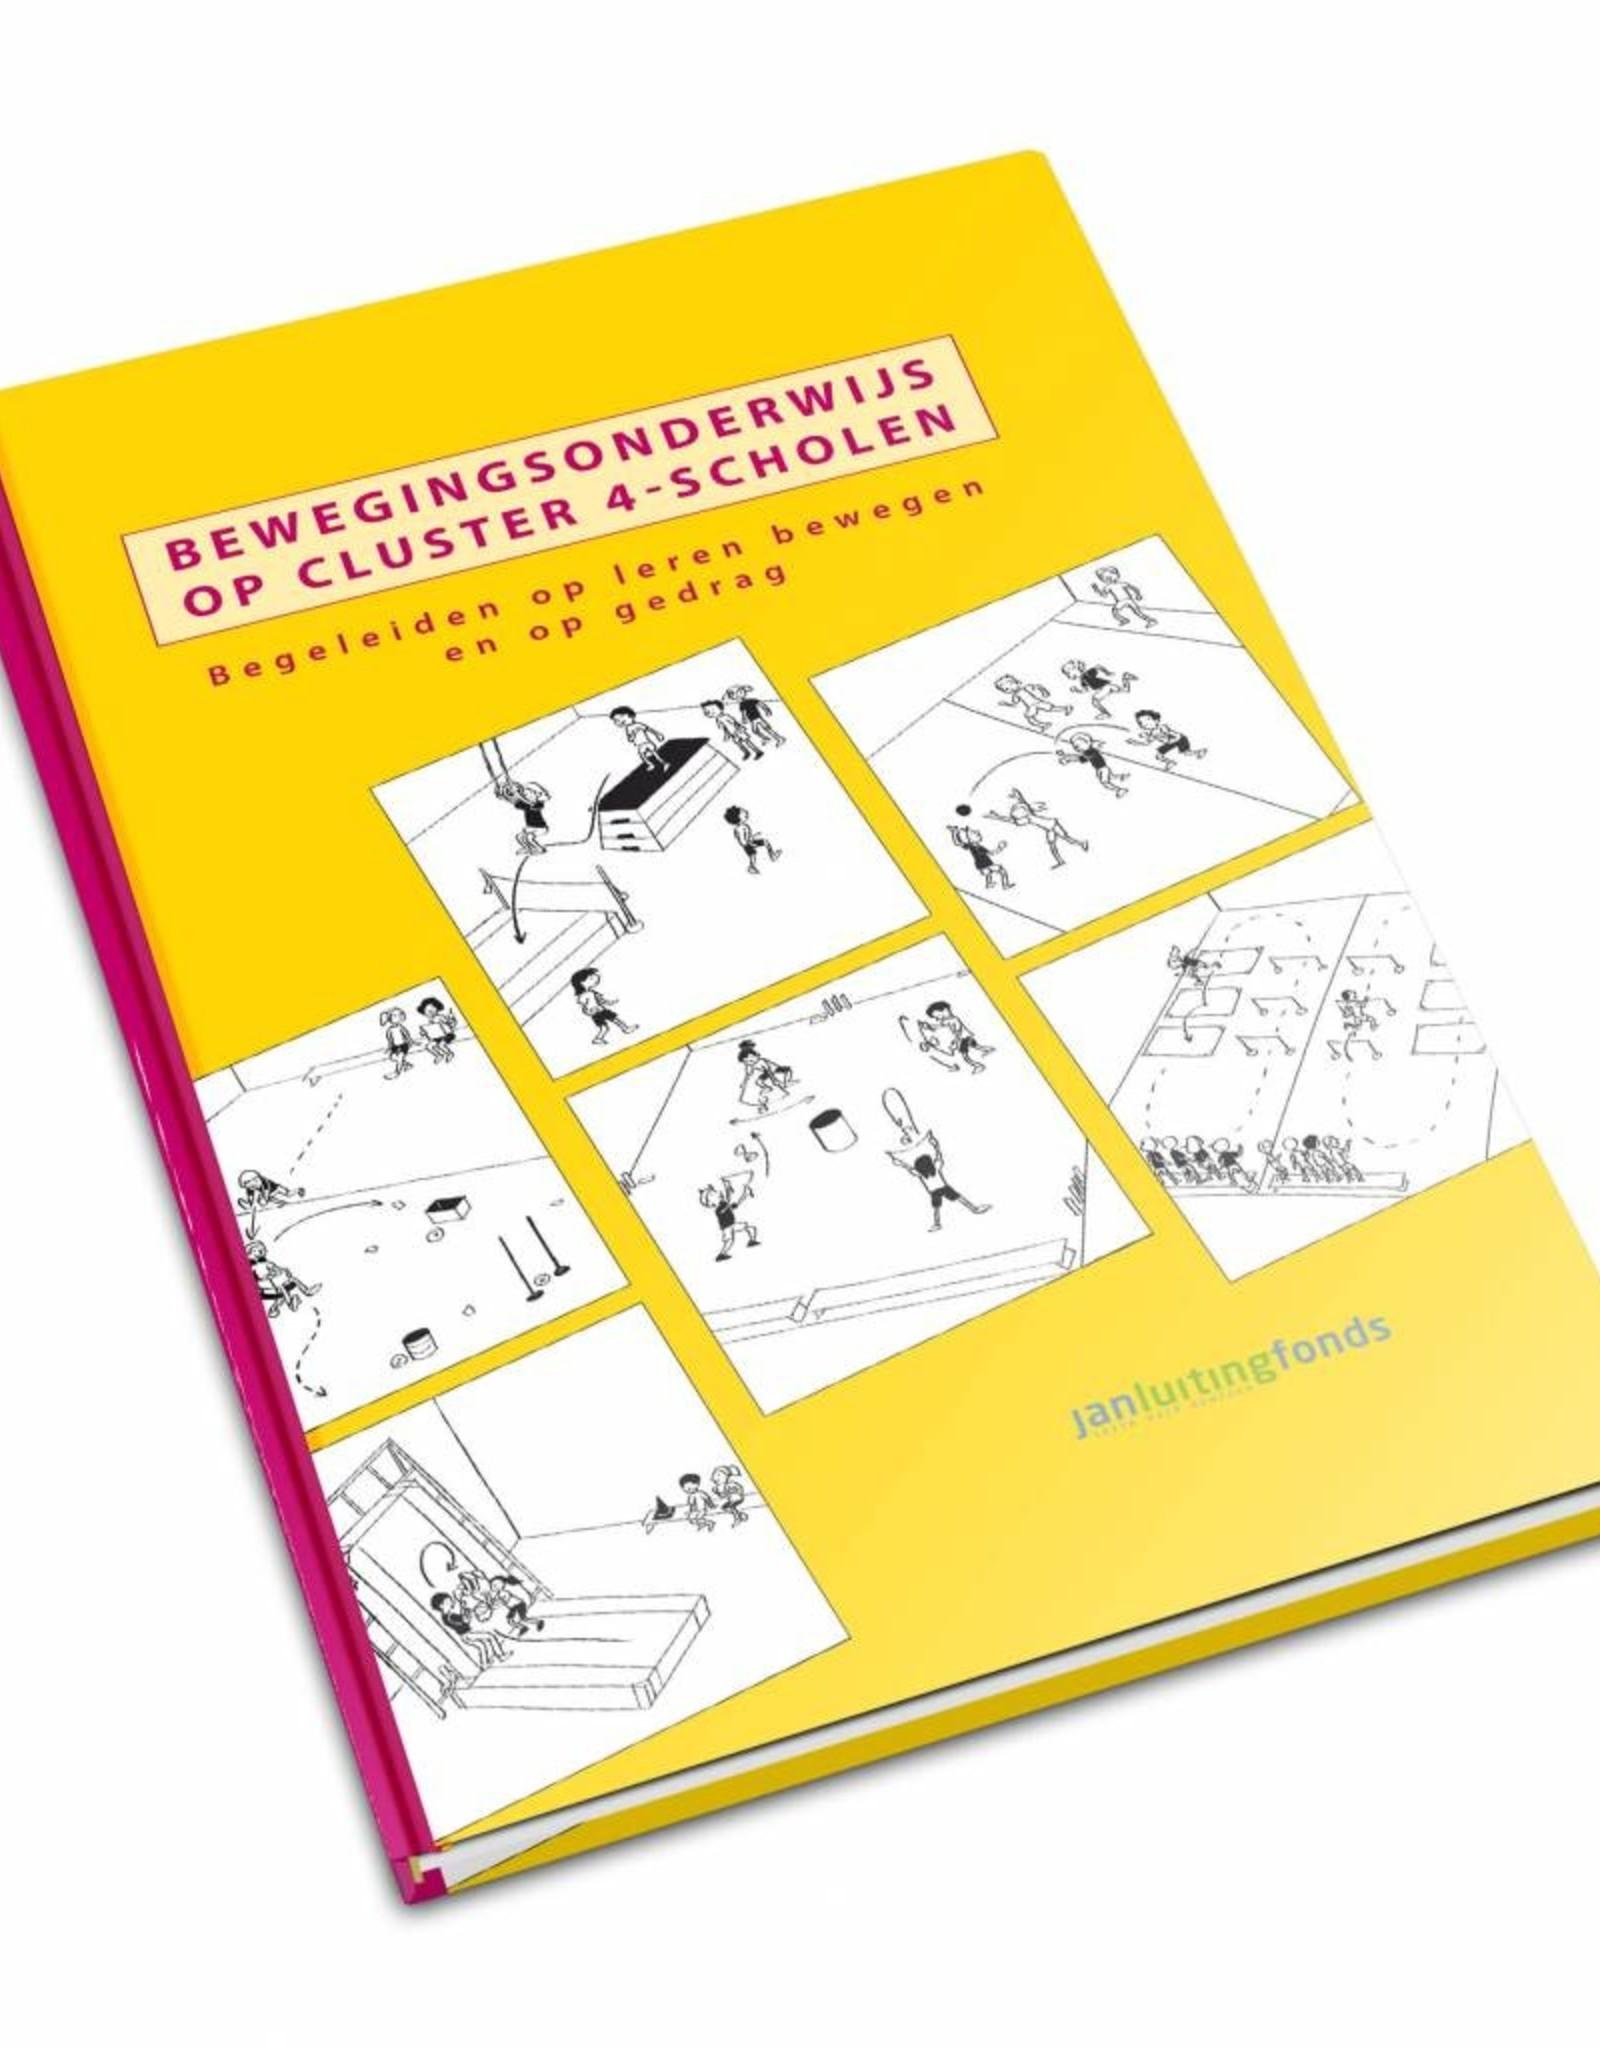 Bewegingsonderwijs Bewegingsonderwijs op cluster 4-scholen